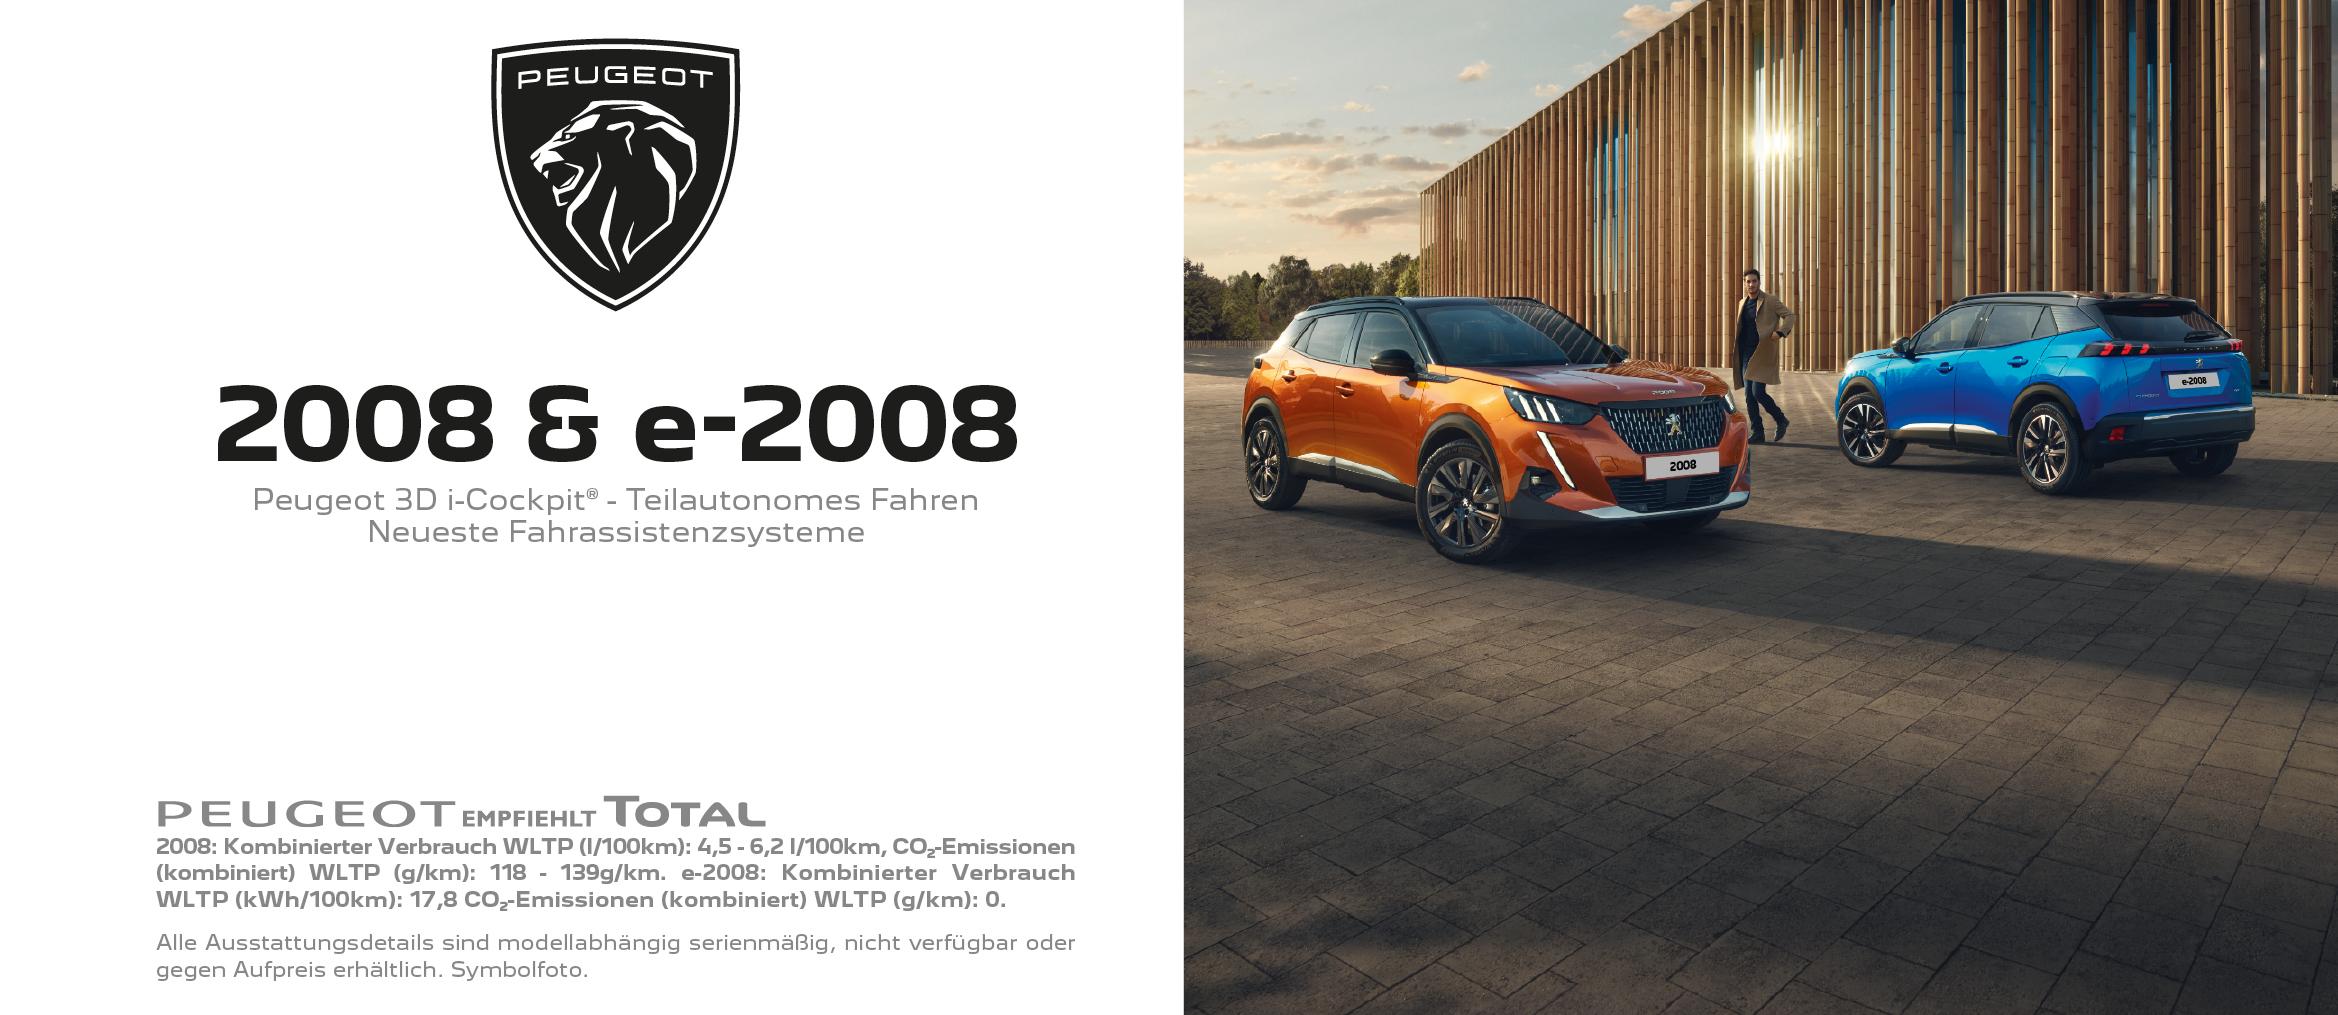 Peugeot 2008 & e-2008